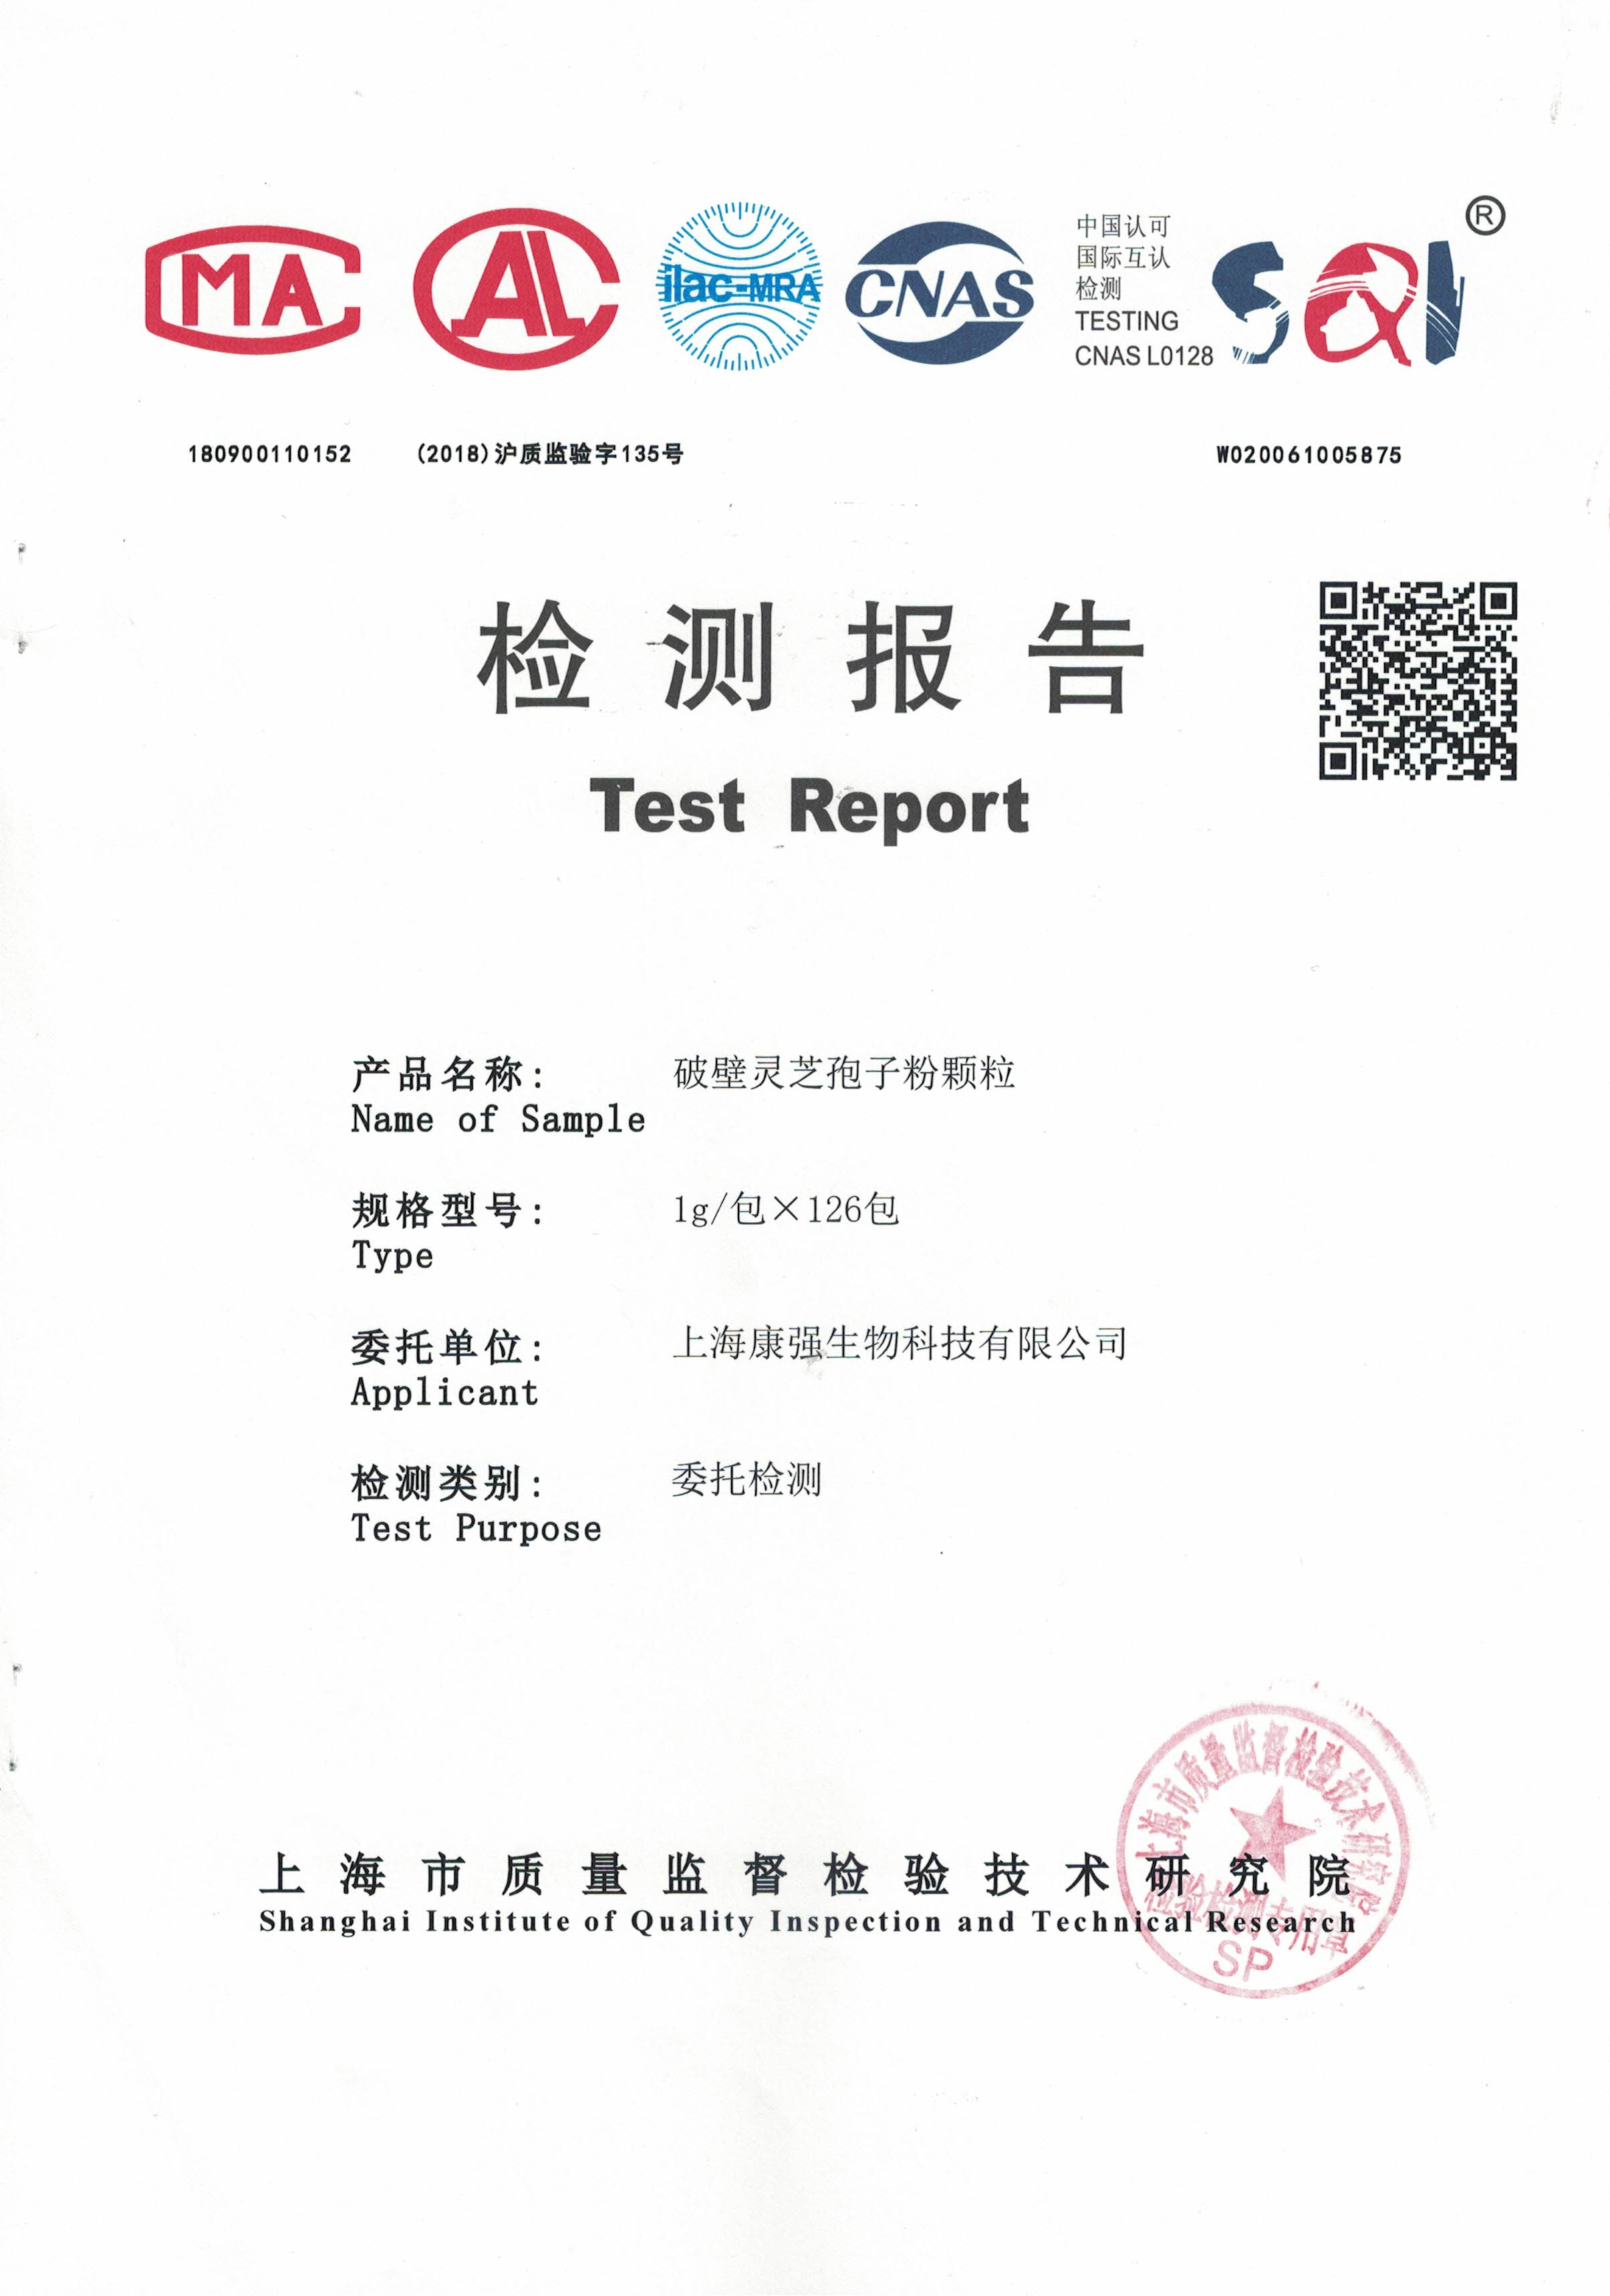 2020年 大汉宝芝 破壁灵芝孢子粉颗粒 重金属含量检测报告